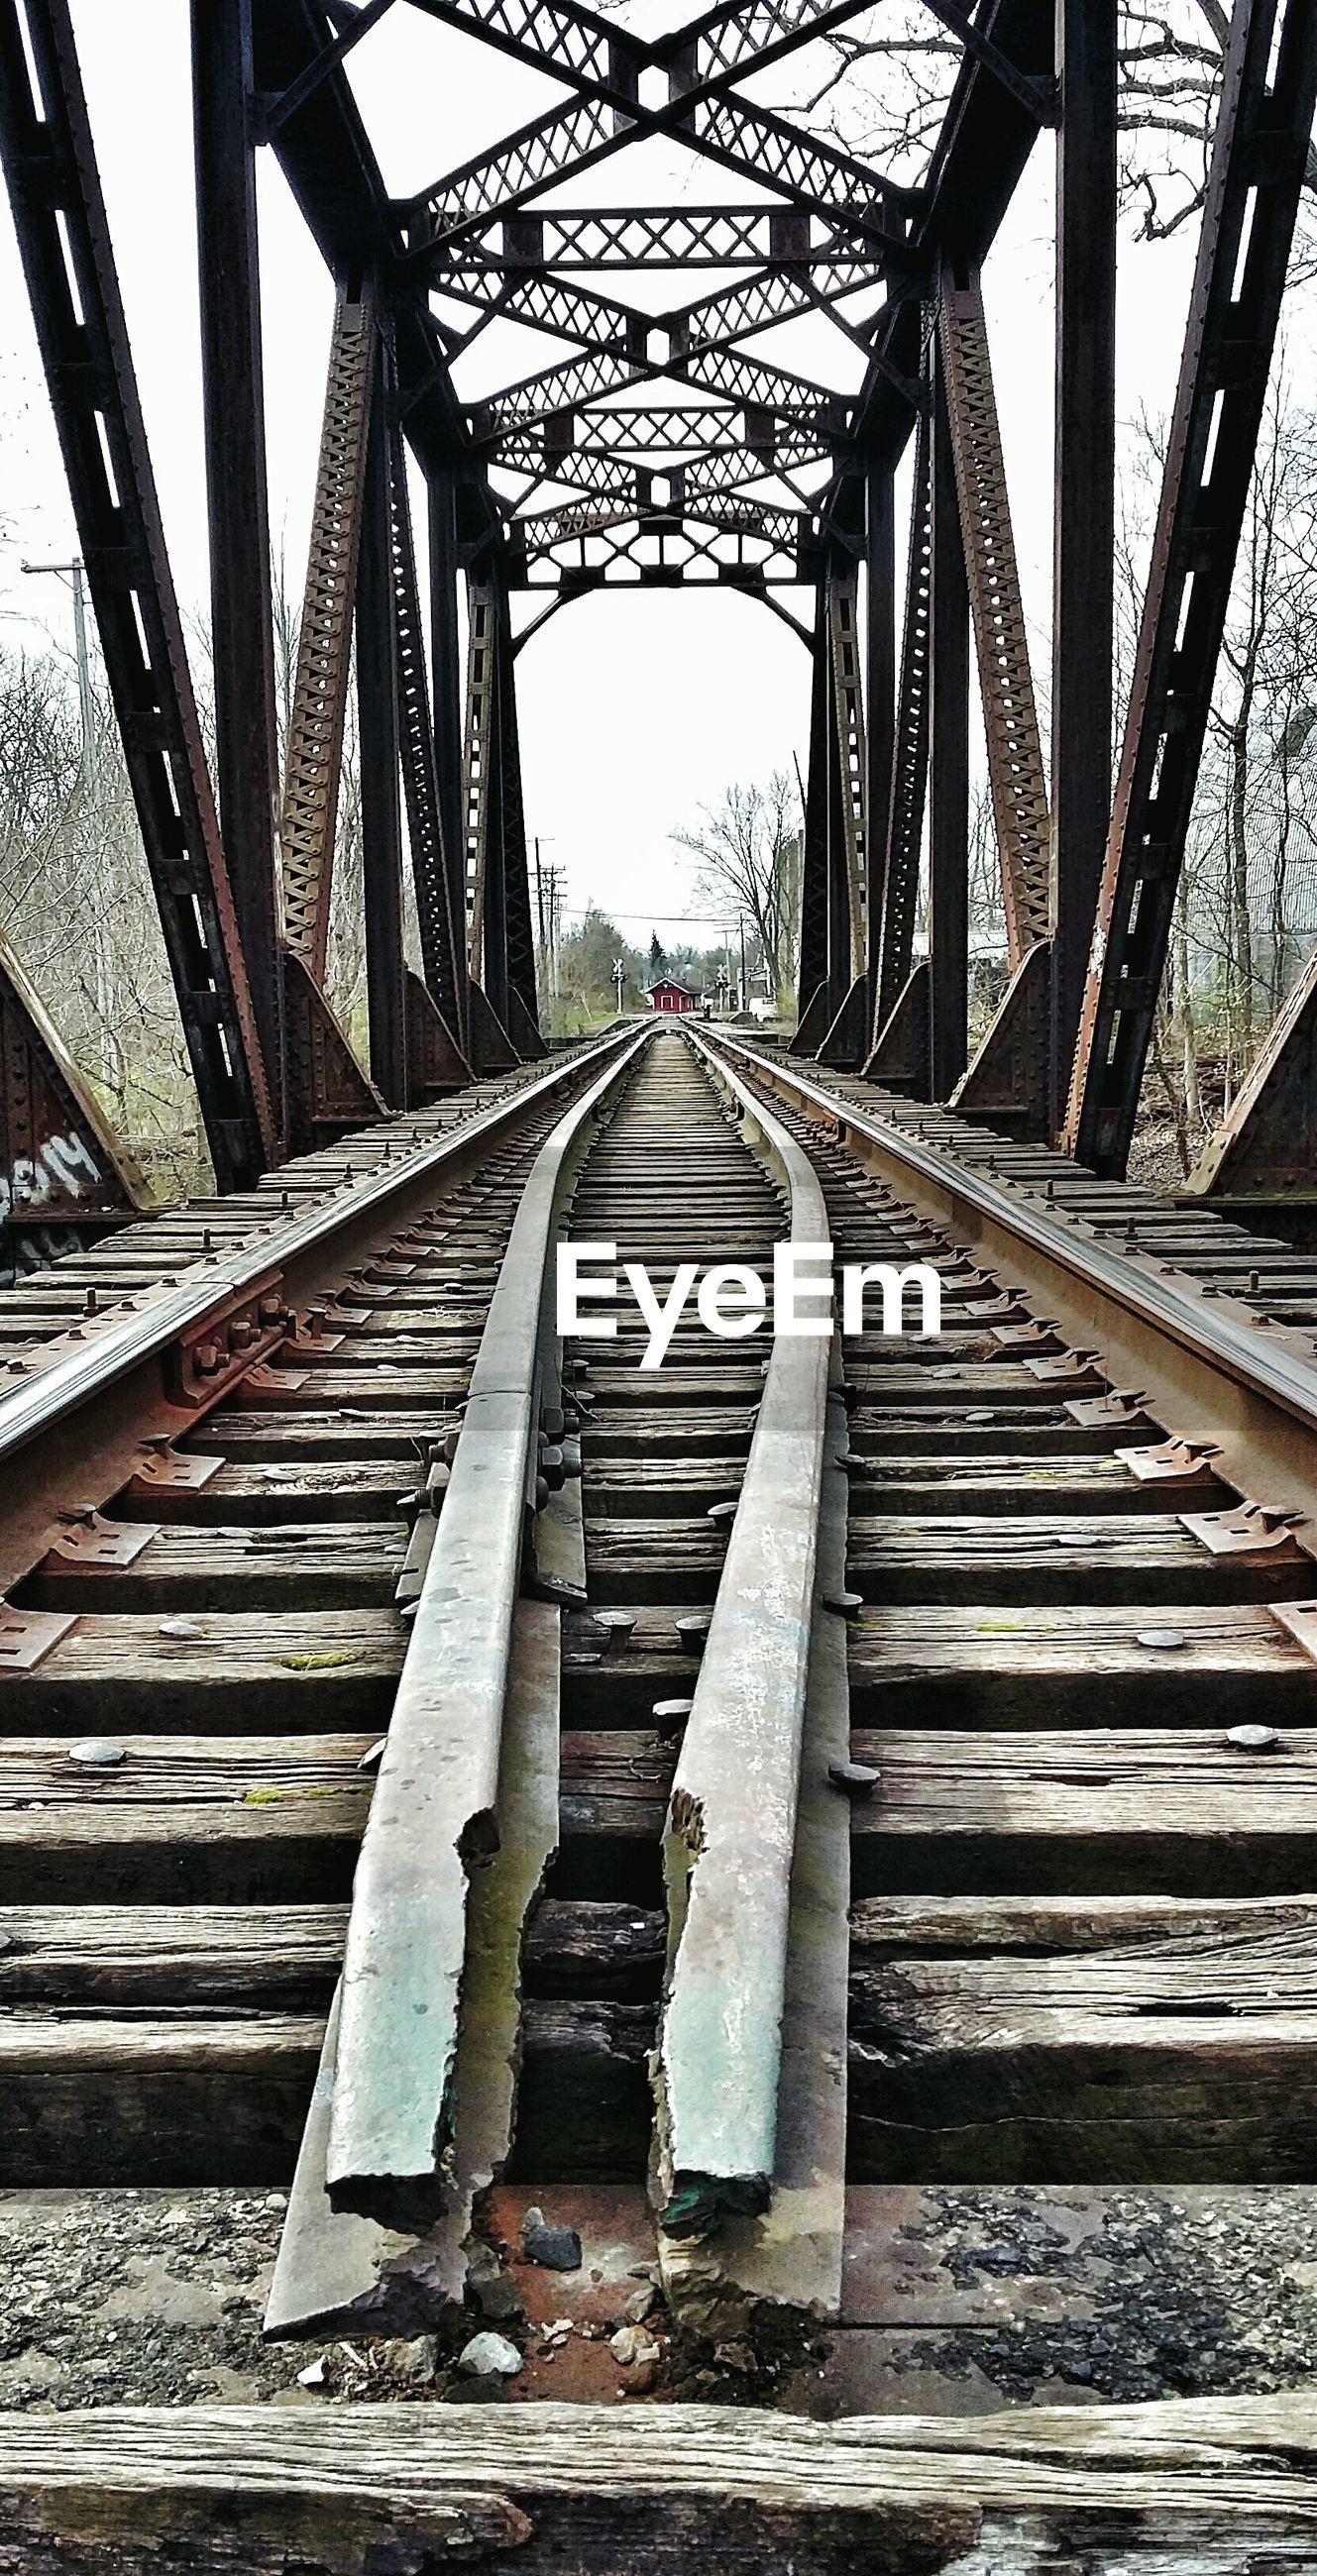 Railroad track on bridge